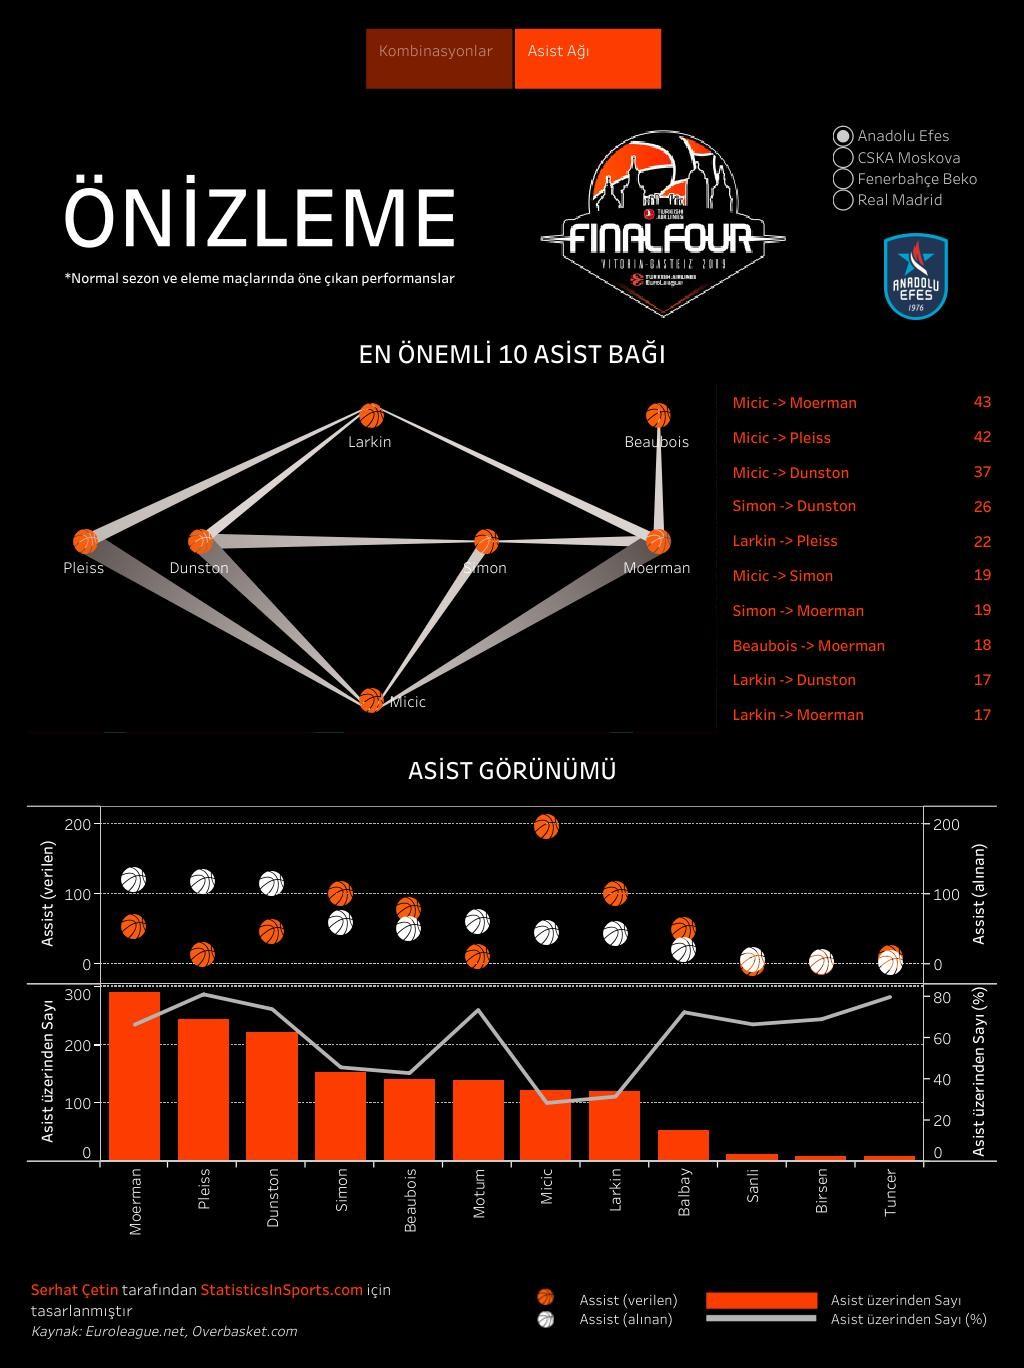 Anadolu Efes'in EuroLeague asist ağları (İstatistik ve Görsel: Serhat Çetin)